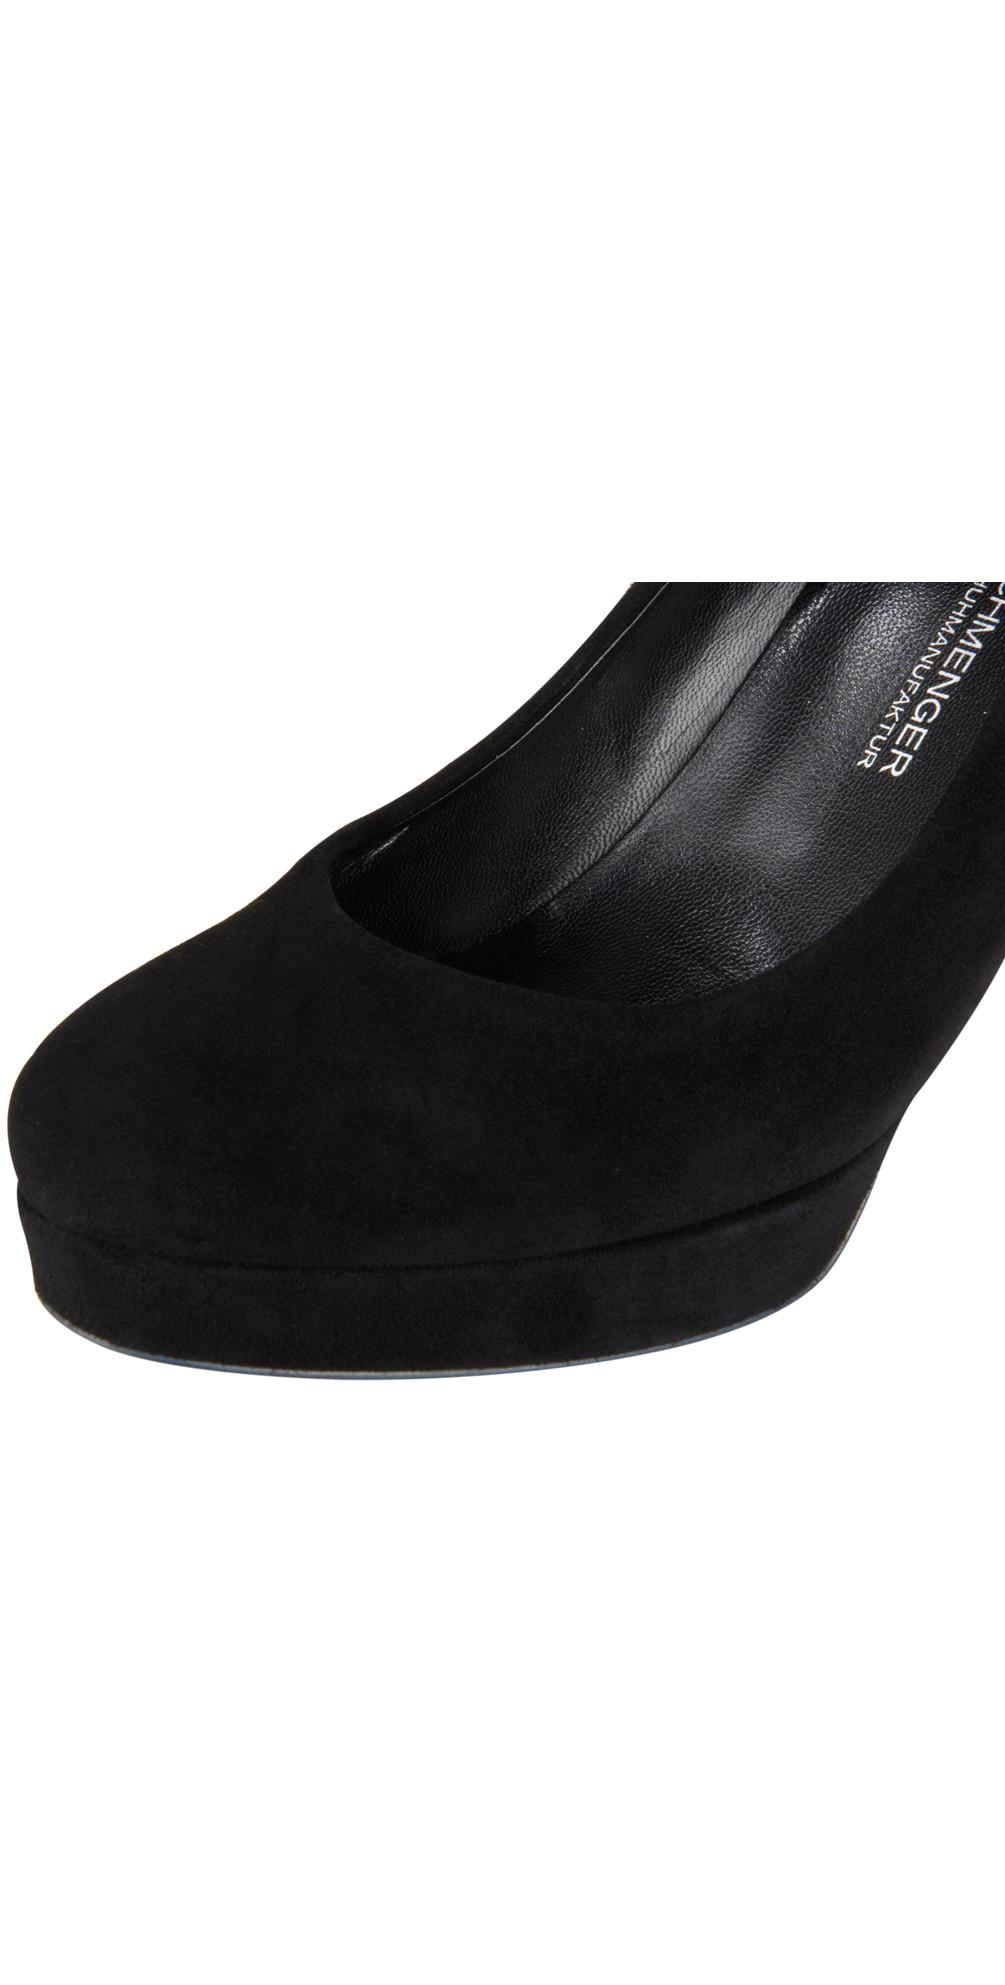 kennel und schmenger heeled shoe in schwarz. Black Bedroom Furniture Sets. Home Design Ideas